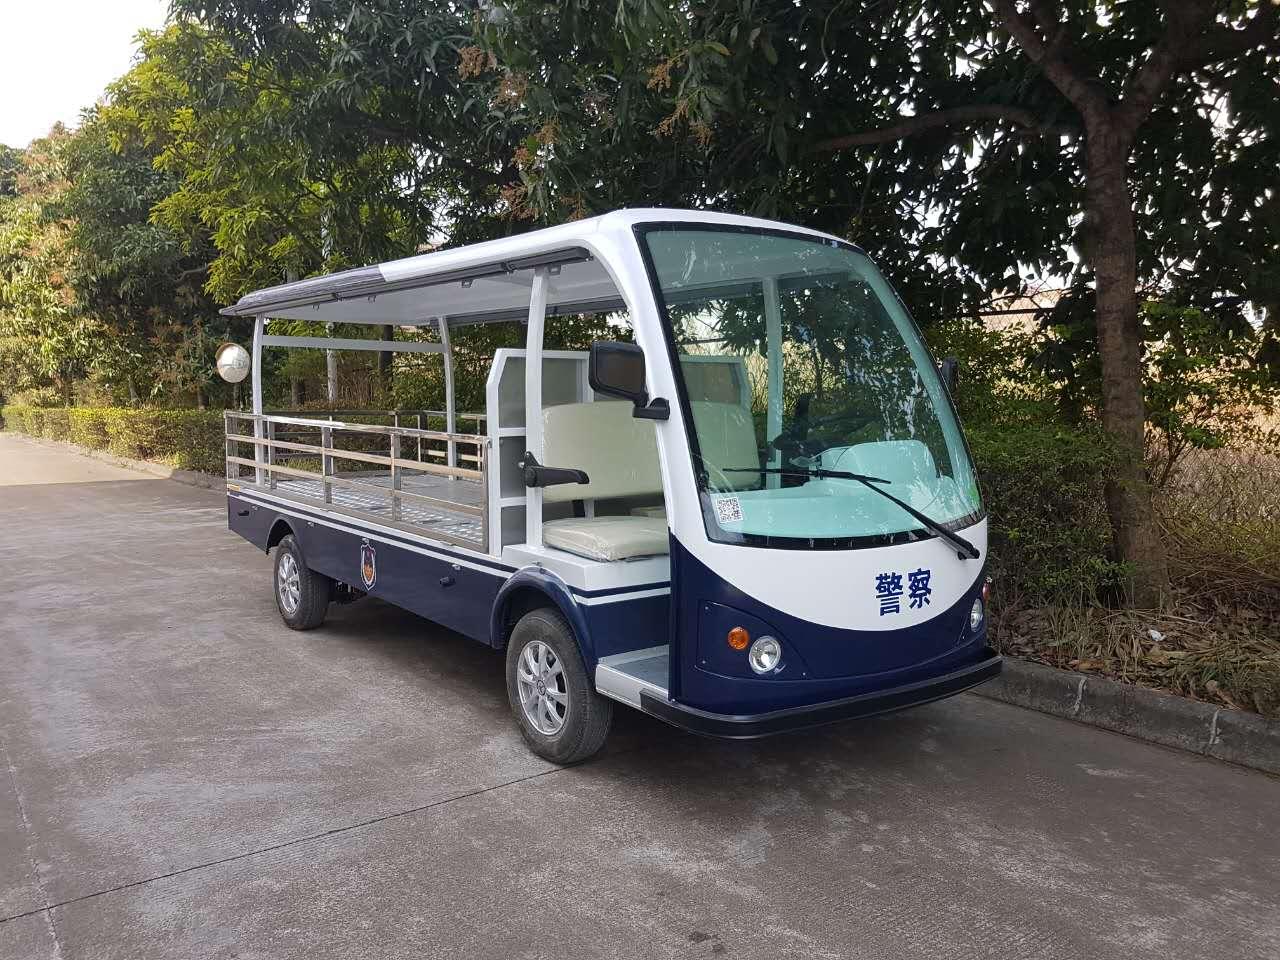 LQY081A蓝白色巡逻代顶棚平板车.jpg